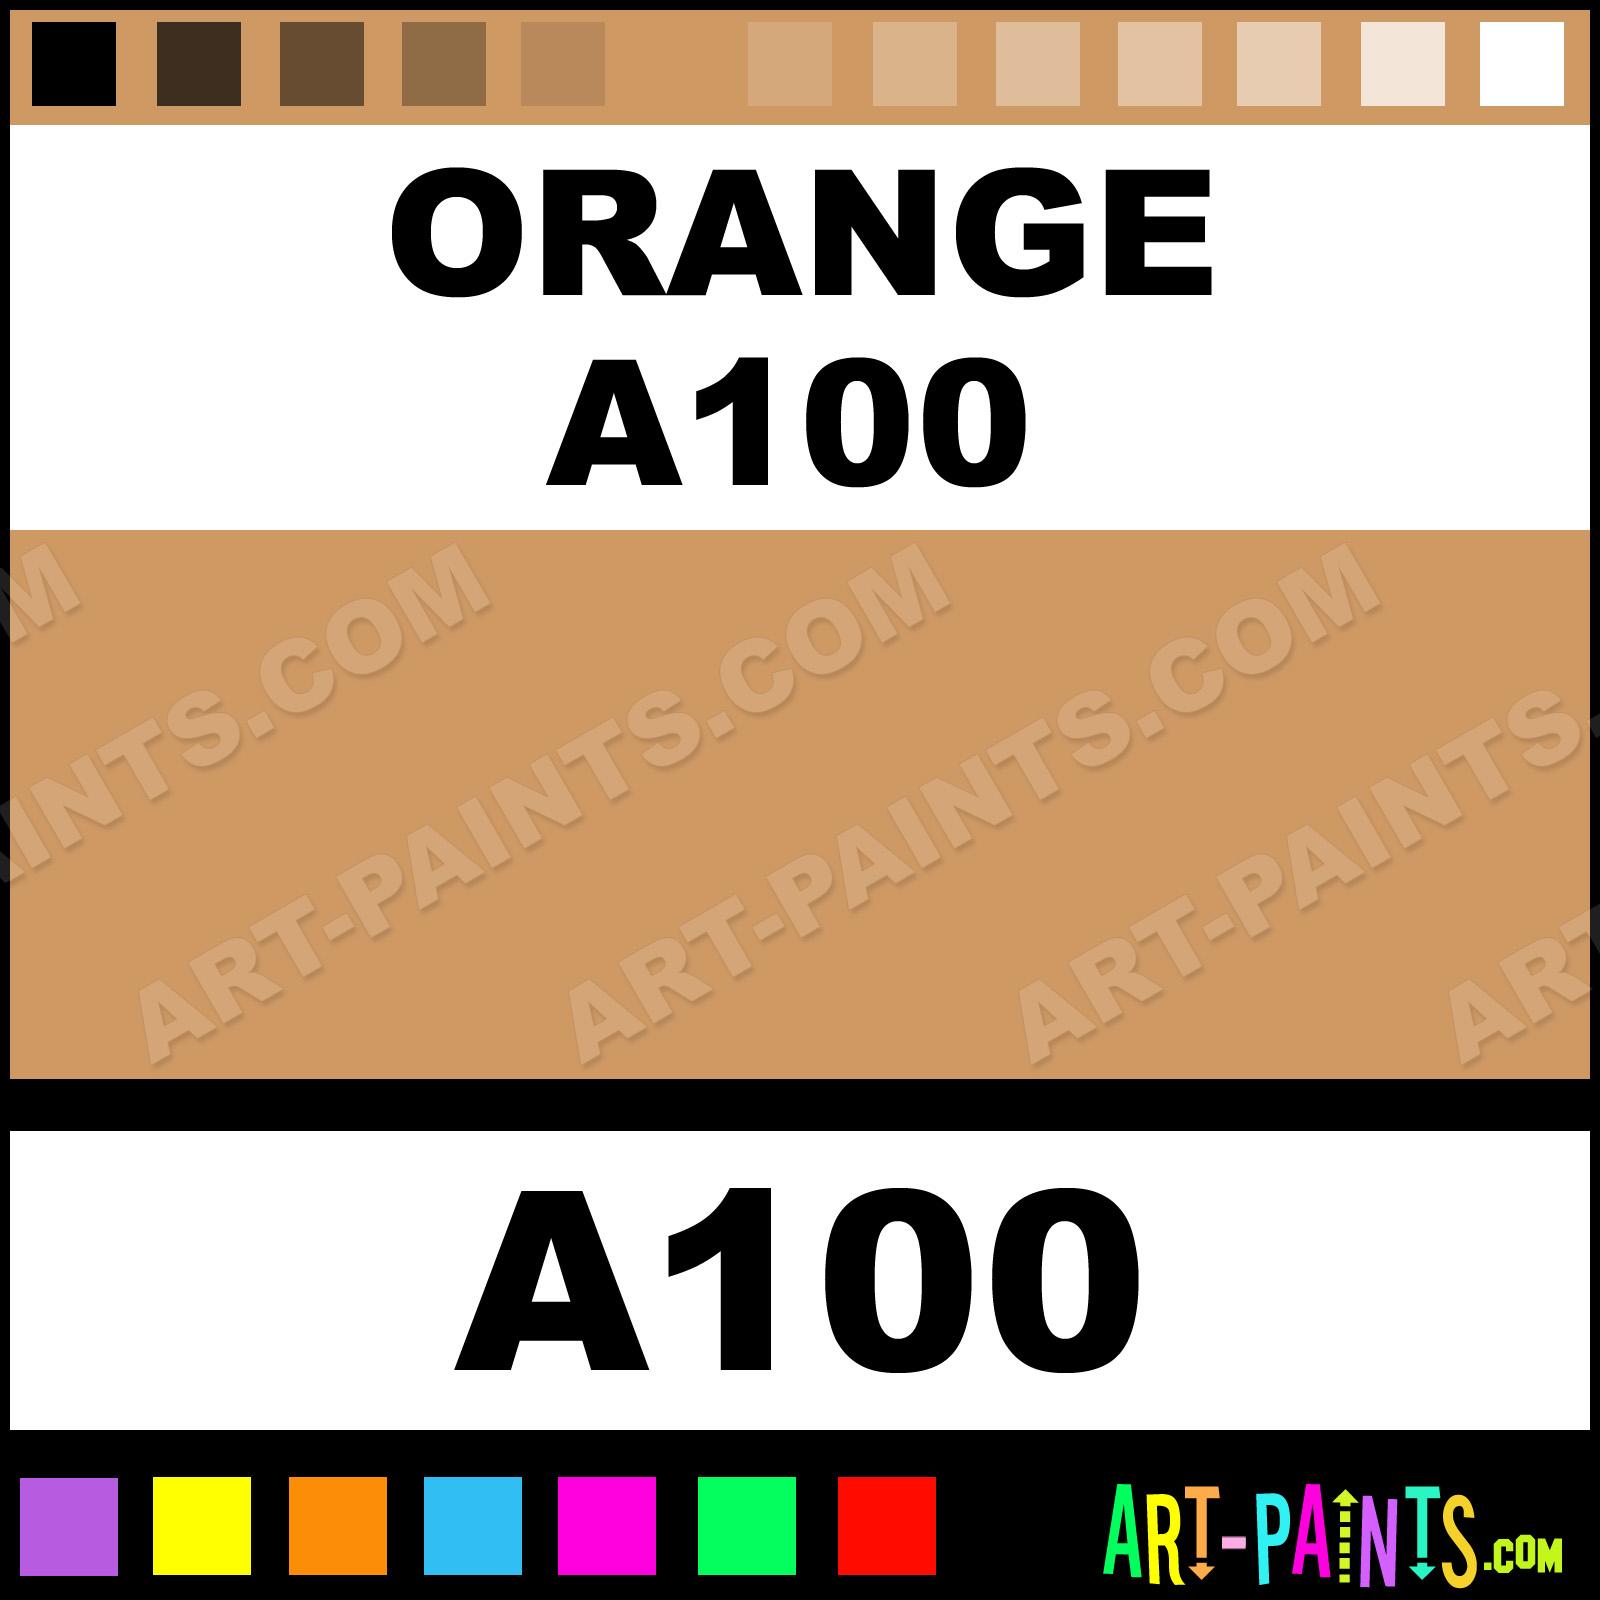 Orange a100 artist pastel paints a100 orange a100 for A 100 paint